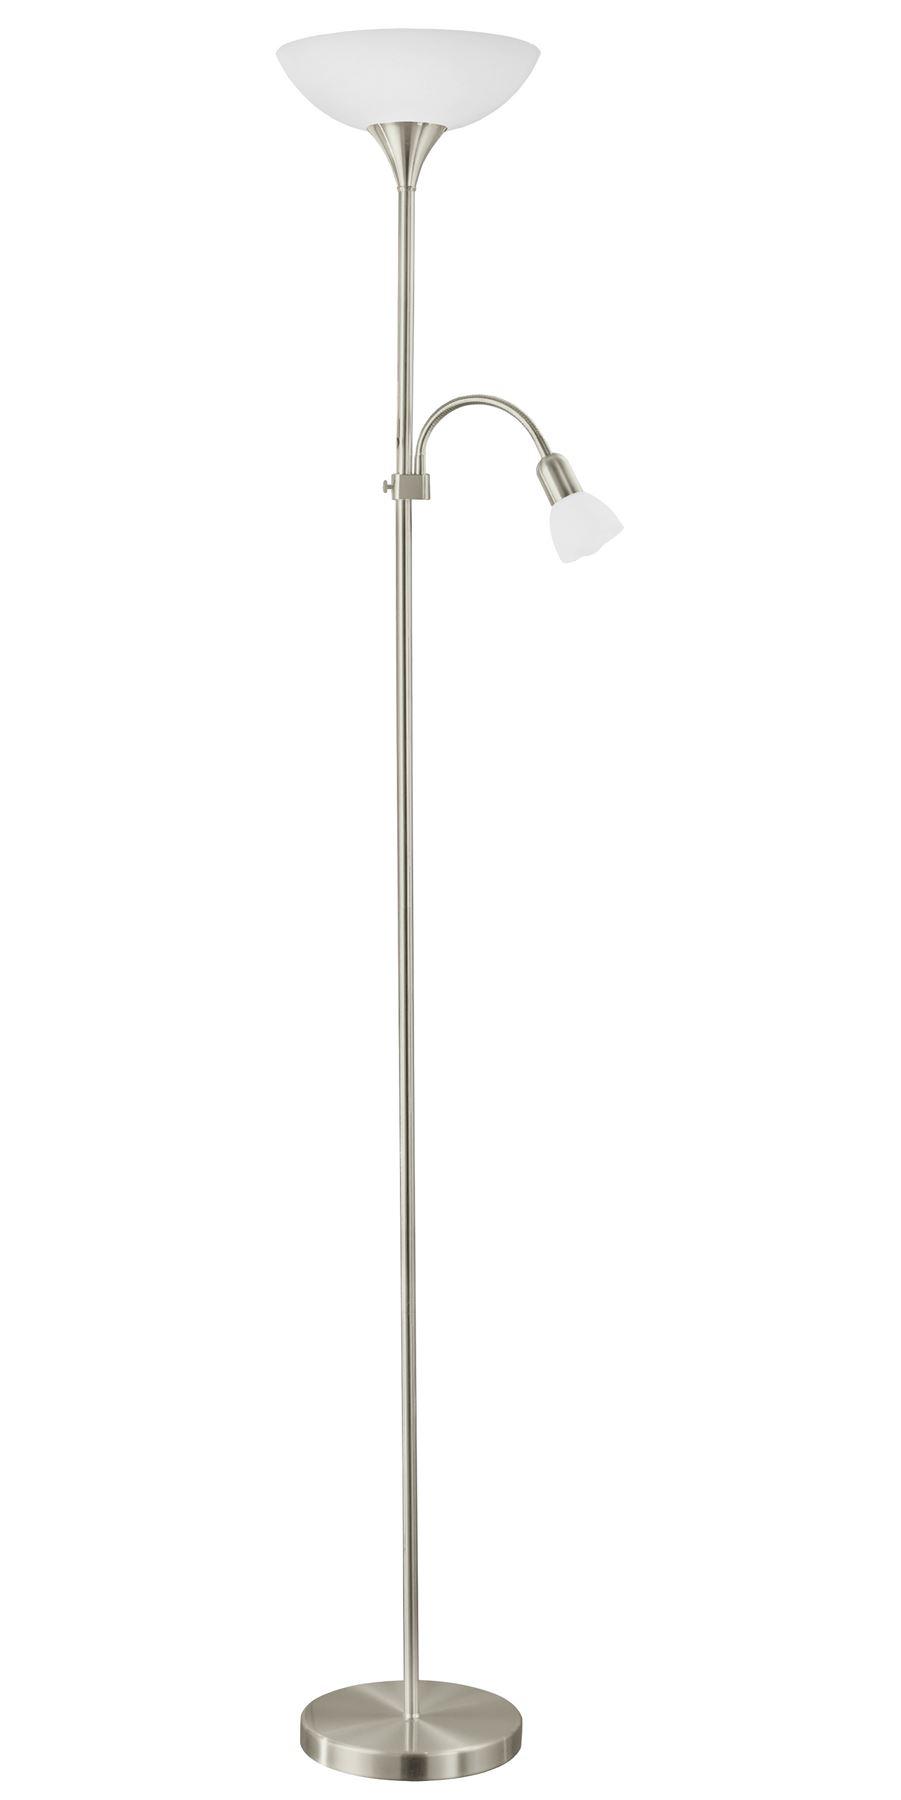 Up Stylish Floor Lamp Nickel-Matt Lamp Steel Plastic Glass White Shade